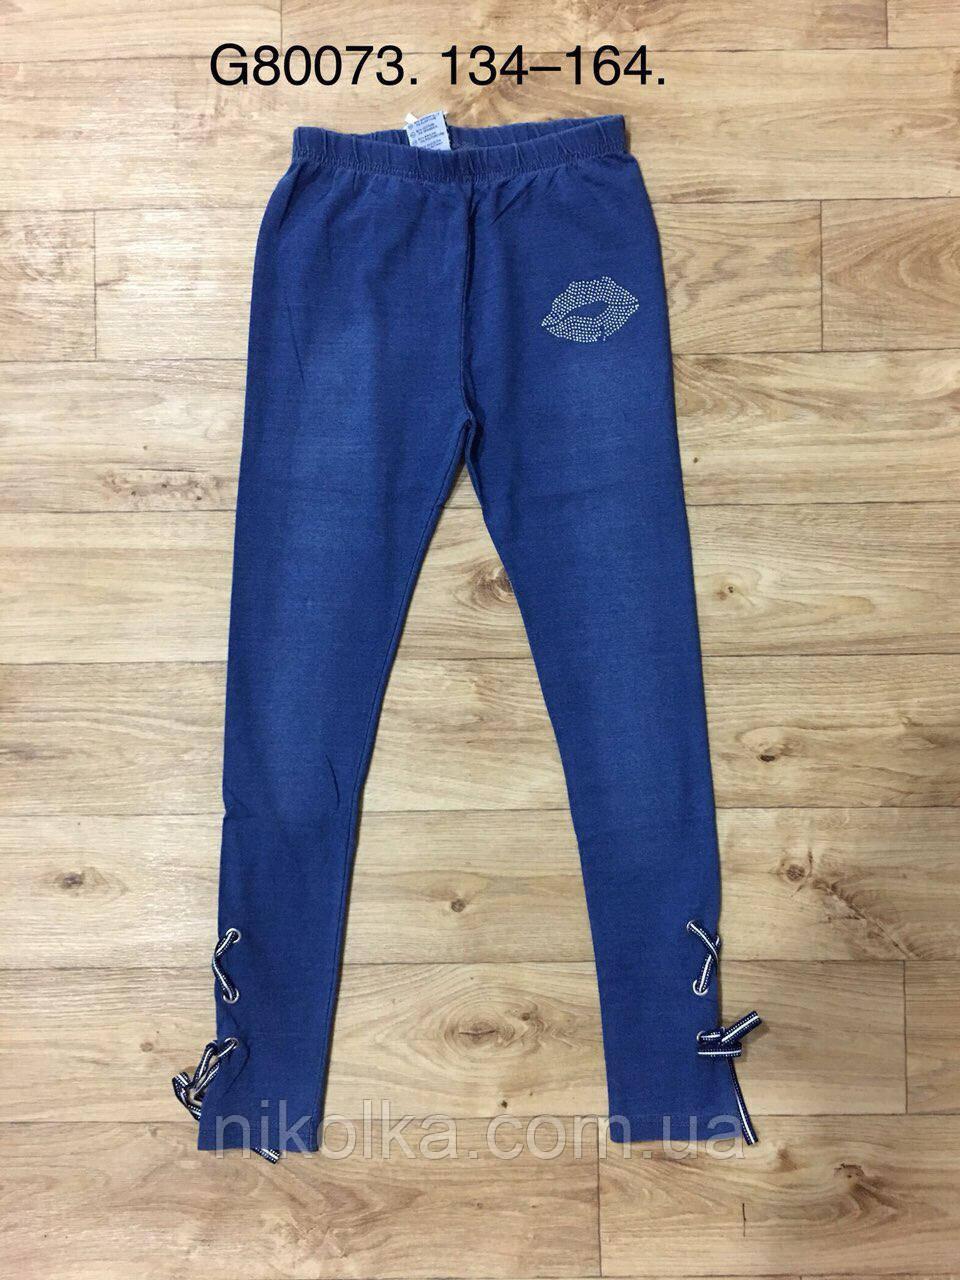 Лосины под джинс для девочек оптом, Grace, 134-164 рр., арт. G80073